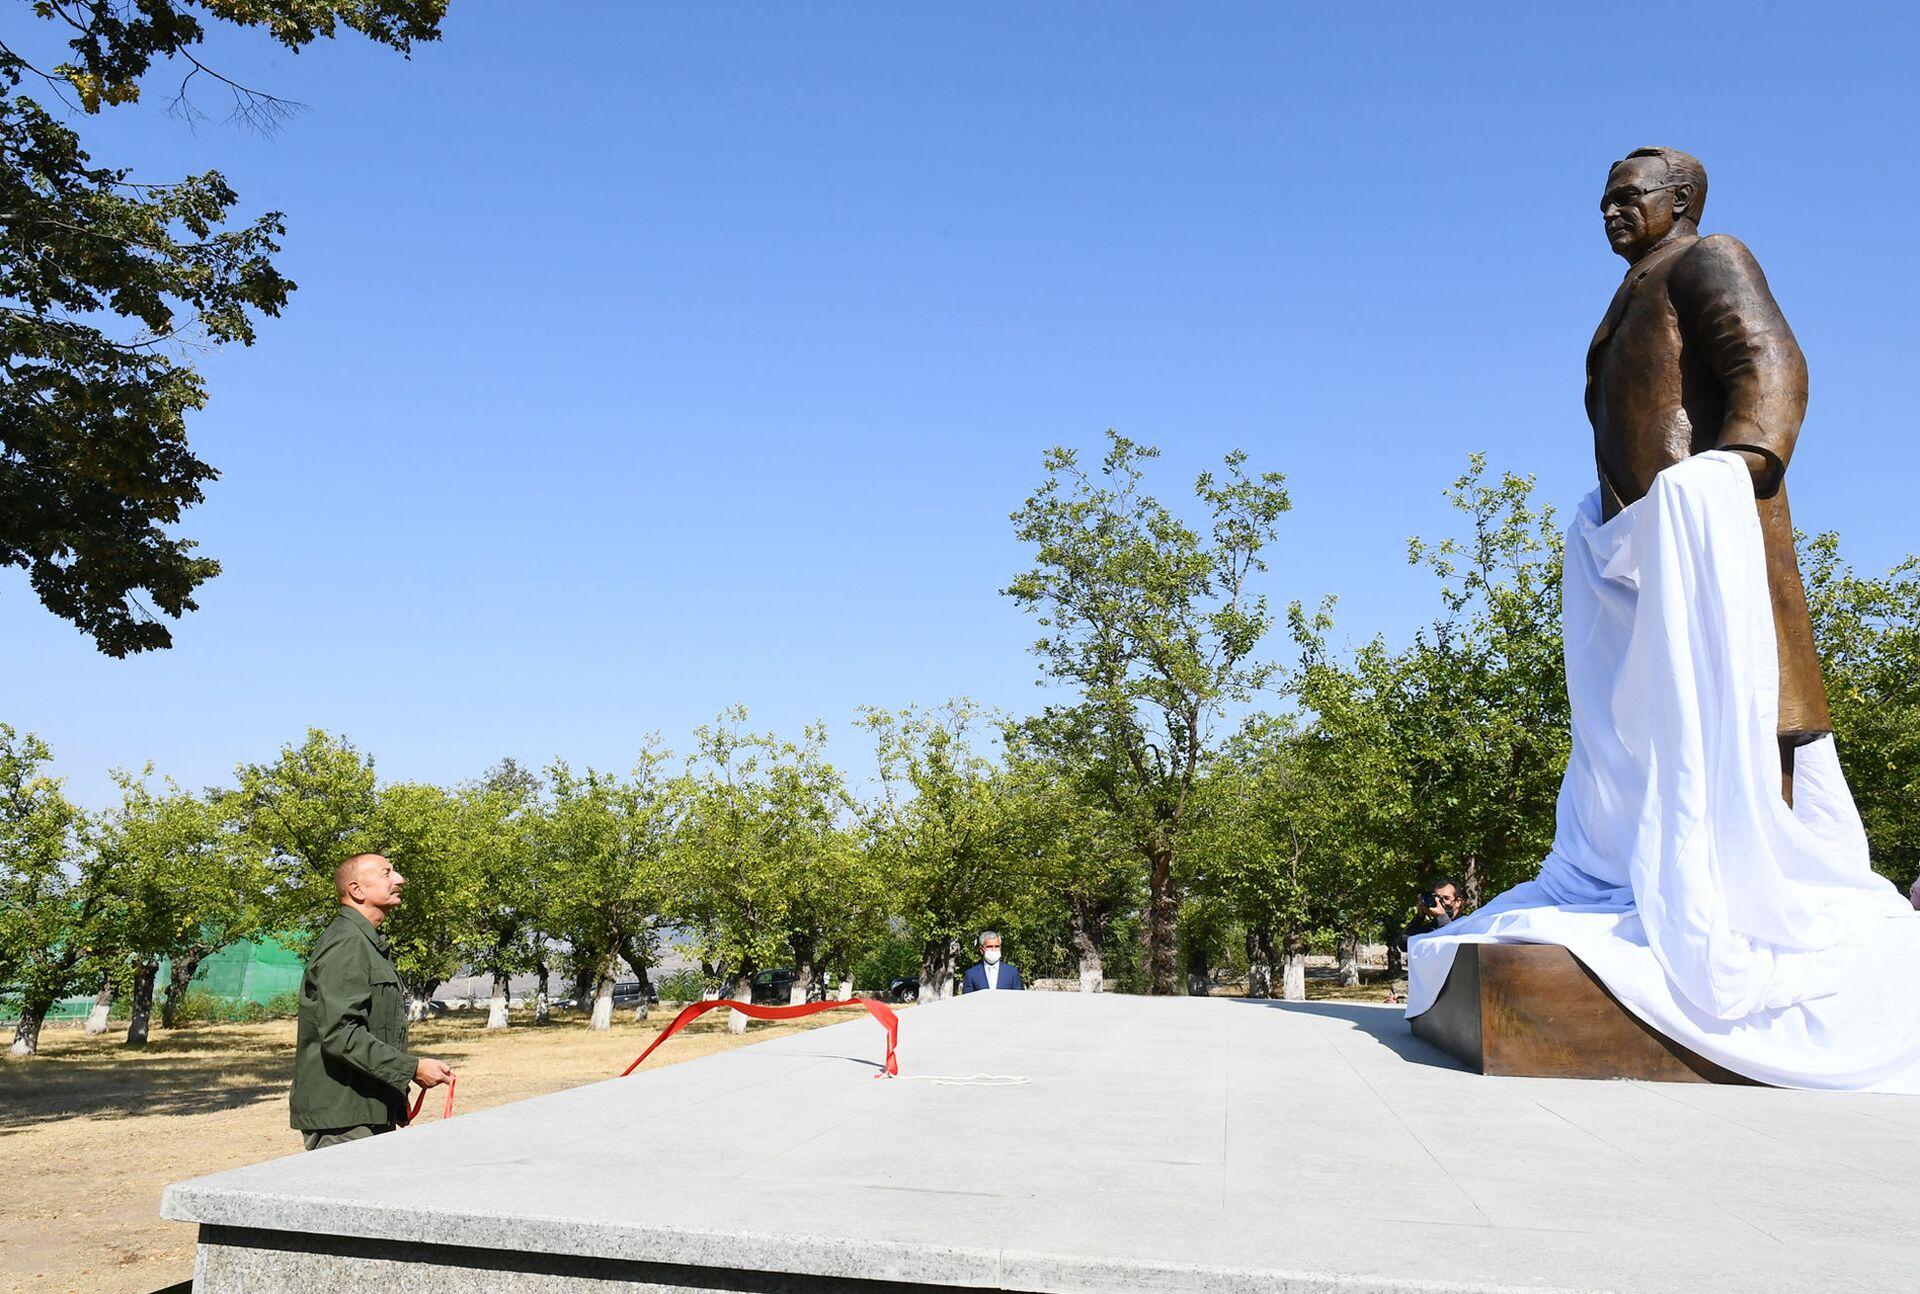 Prezident İlham Əliyev Şuşada Üzeyir Hacıbəylinin heykəlinin açılışında - Sputnik Азербайджан, 1920, 01.10.2021